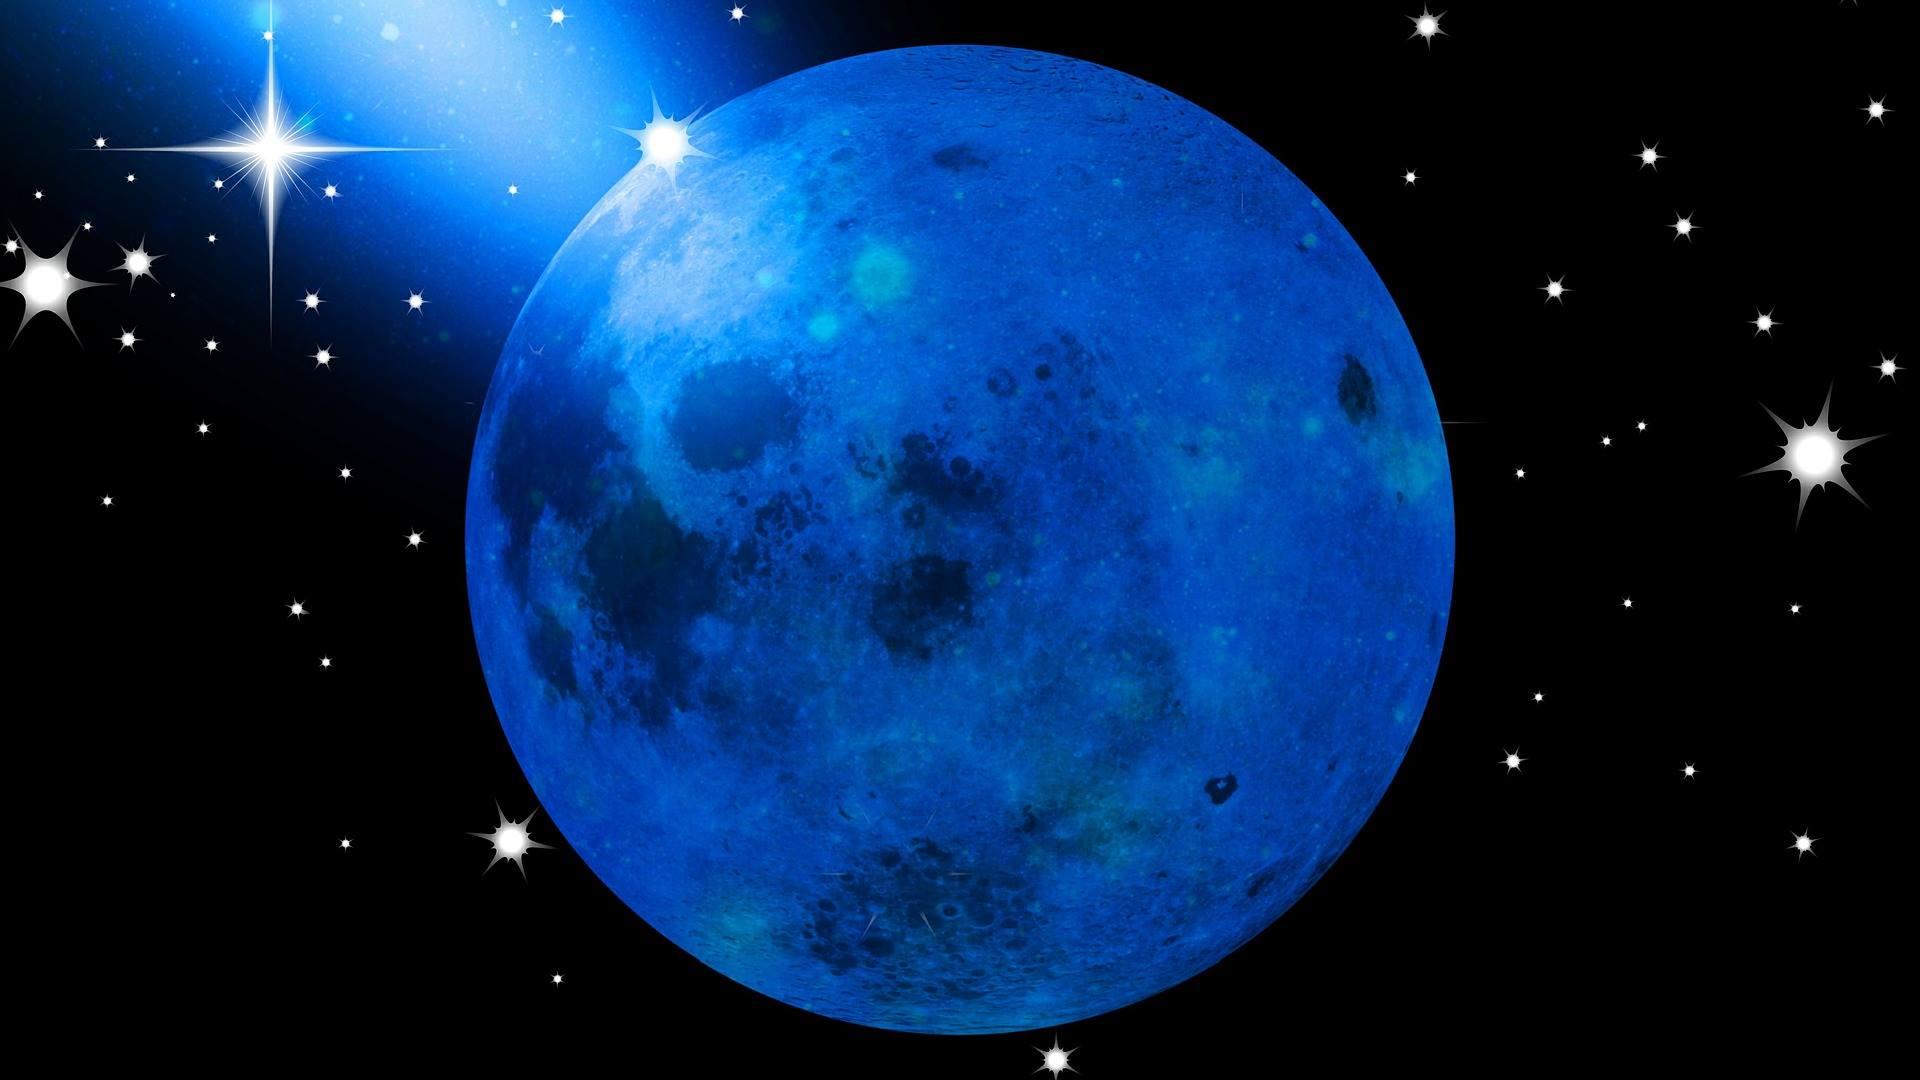 De Totale Blauwe Maansverduistering In Leeuw Van 31 Januari 2018